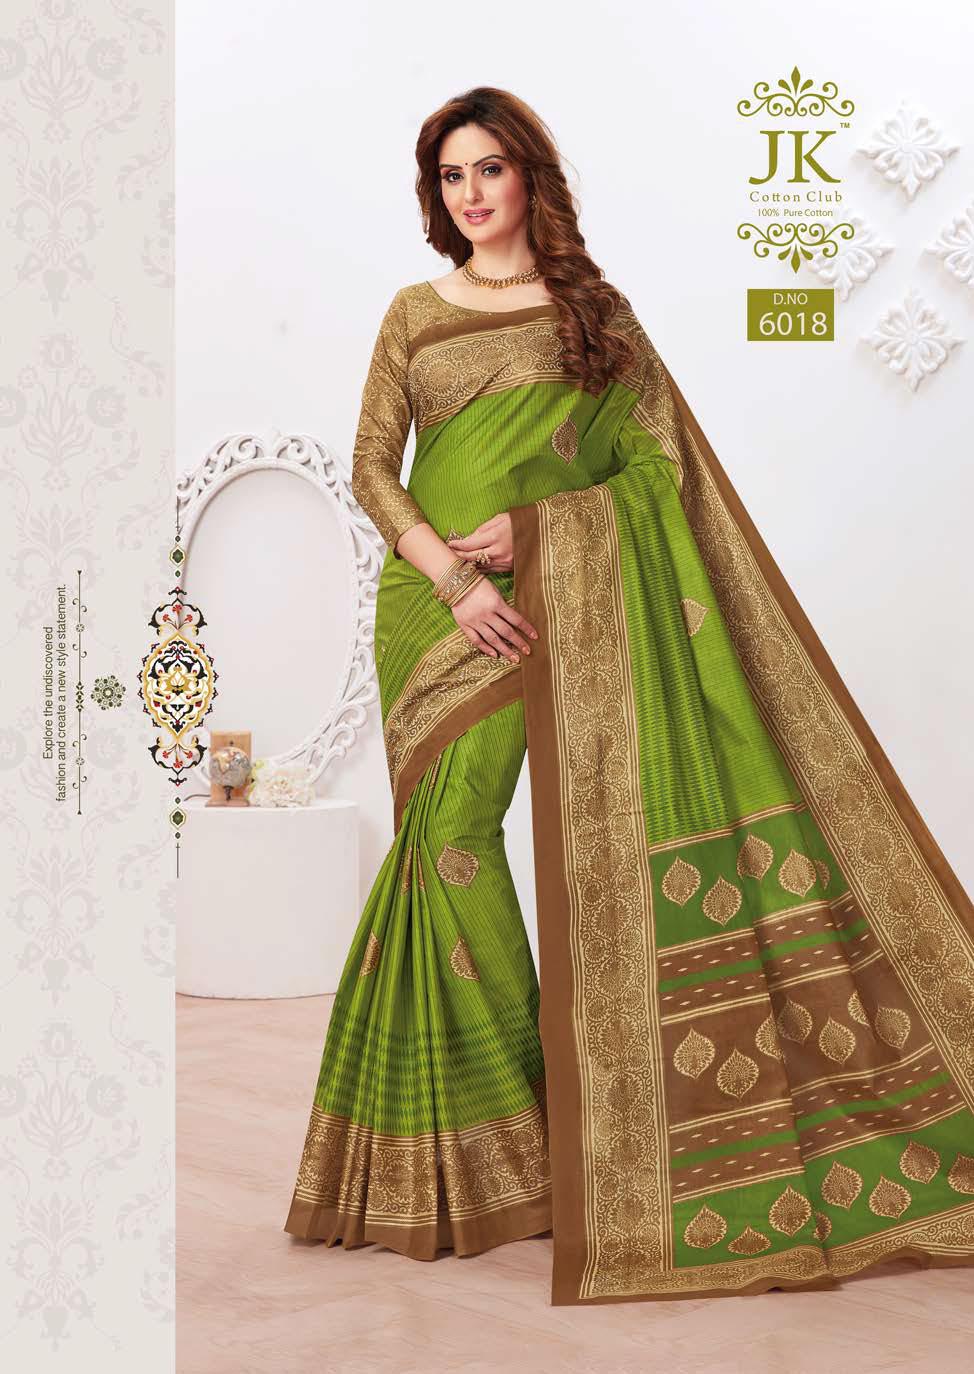 JK Tulsi Vol 6 B Saree Sari Wholesale Catalog 10 Pcs 14 - JK Tulsi Vol 6 B Saree Sari Wholesale Catalog 10 Pcs